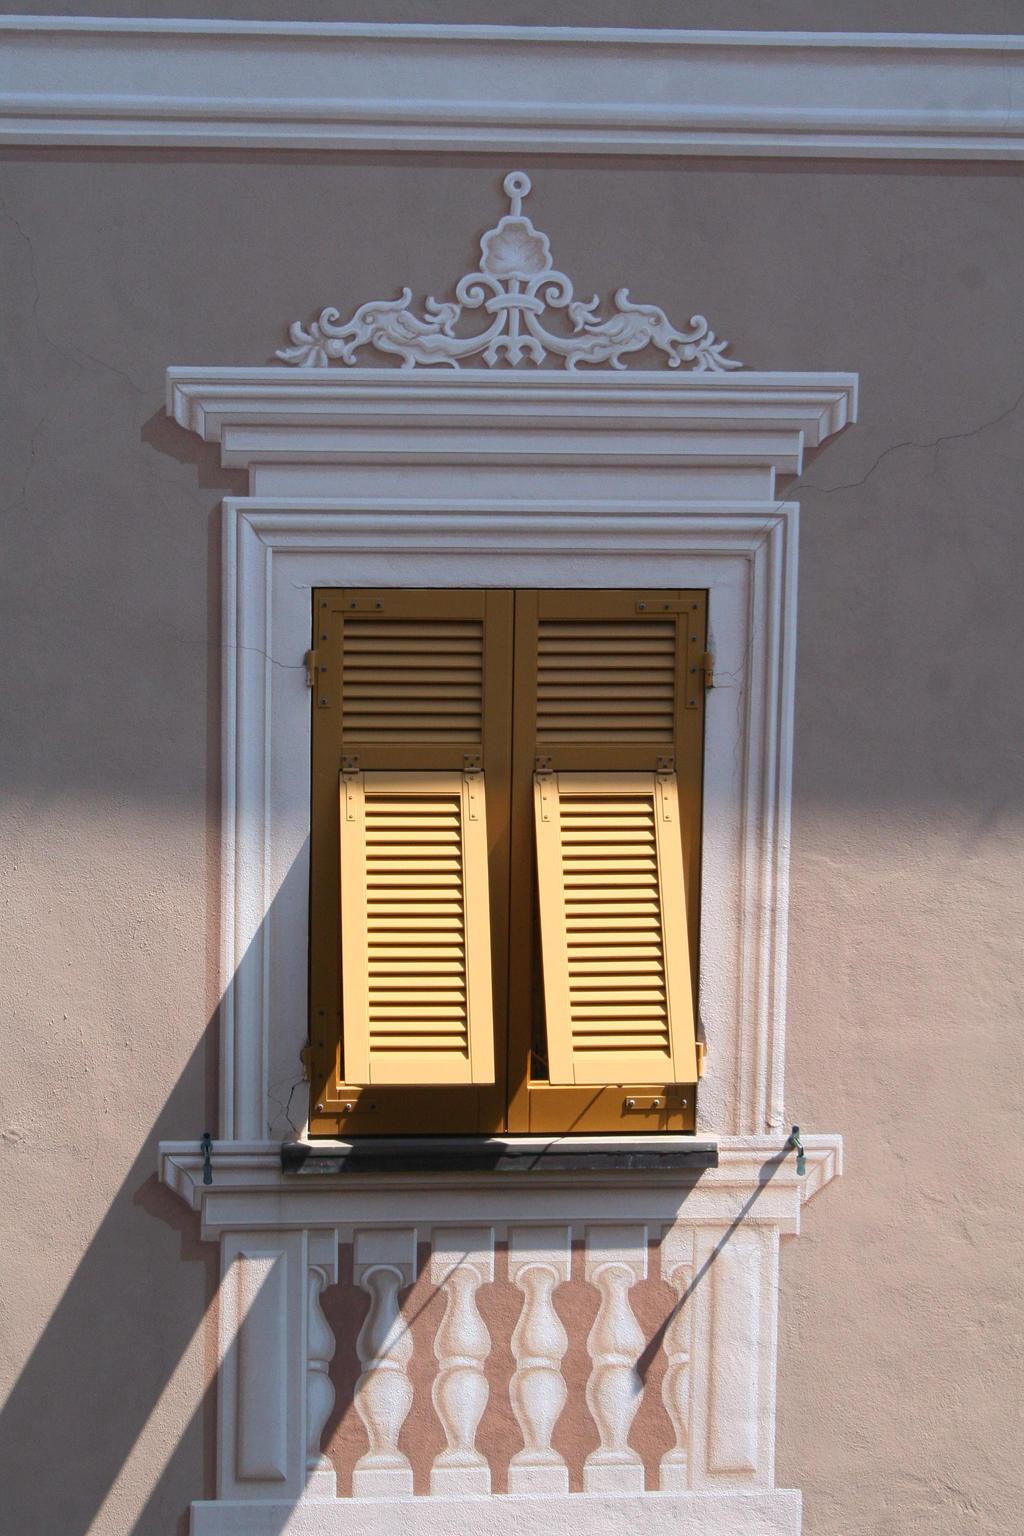 awesome window 2 by ingeline-art